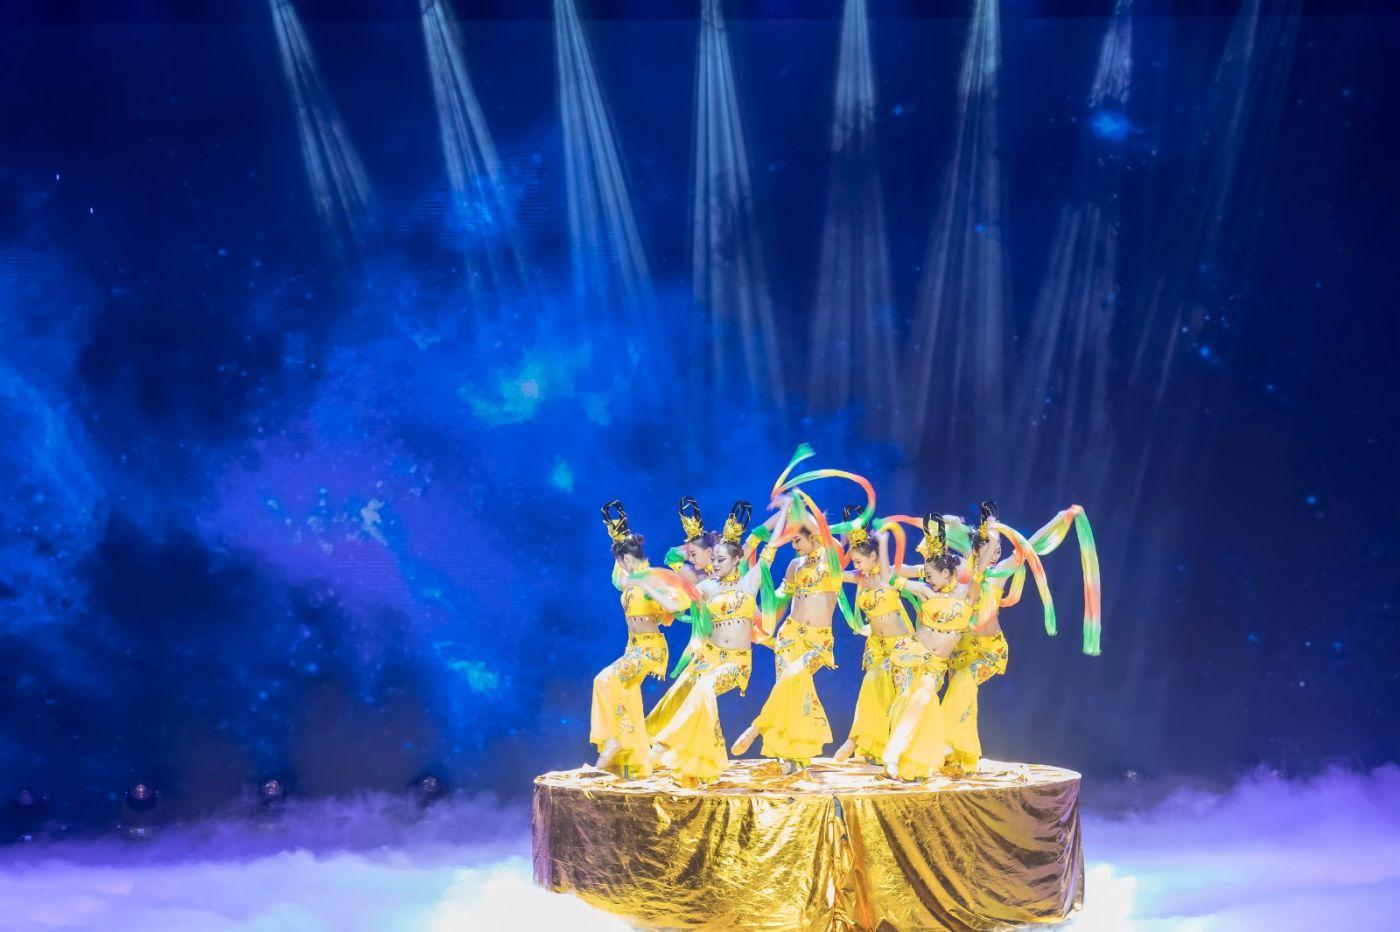 沂蒙大地上 有一种舞蹈叫飞天 这是几位临沂女孩的杰作 美轮美奂 ..._图1-22